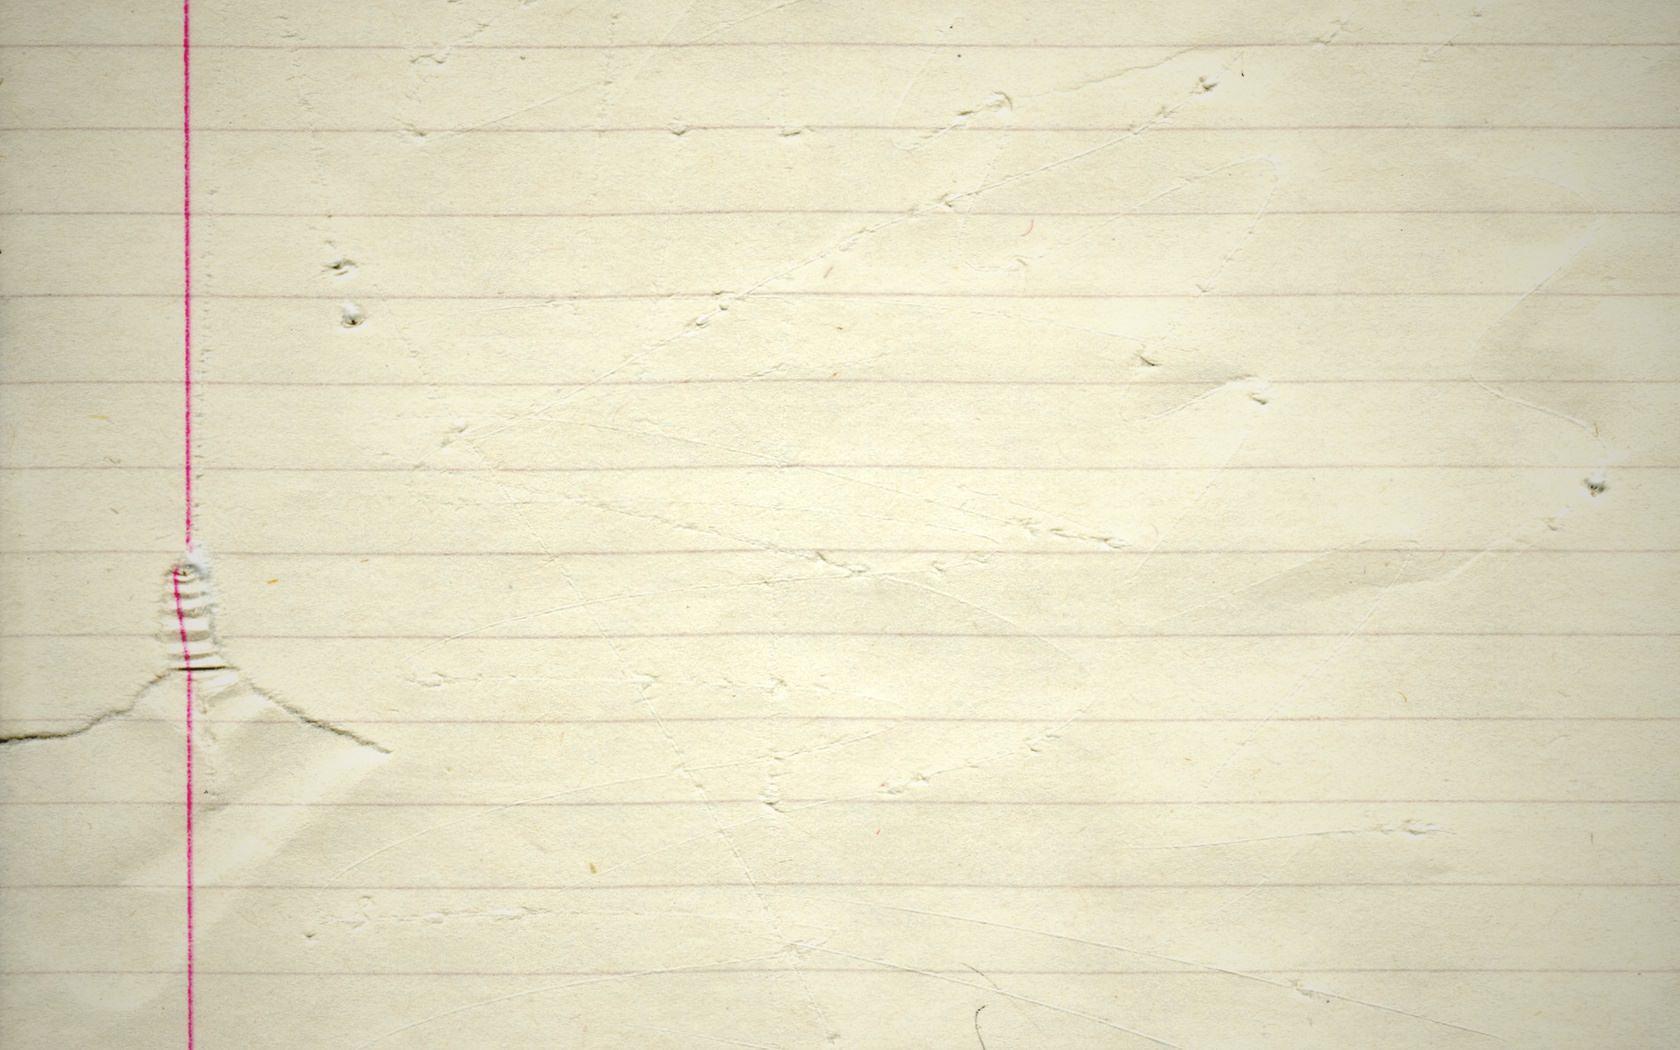 29+ Lined Paper Textures | Textures | DesignTrends